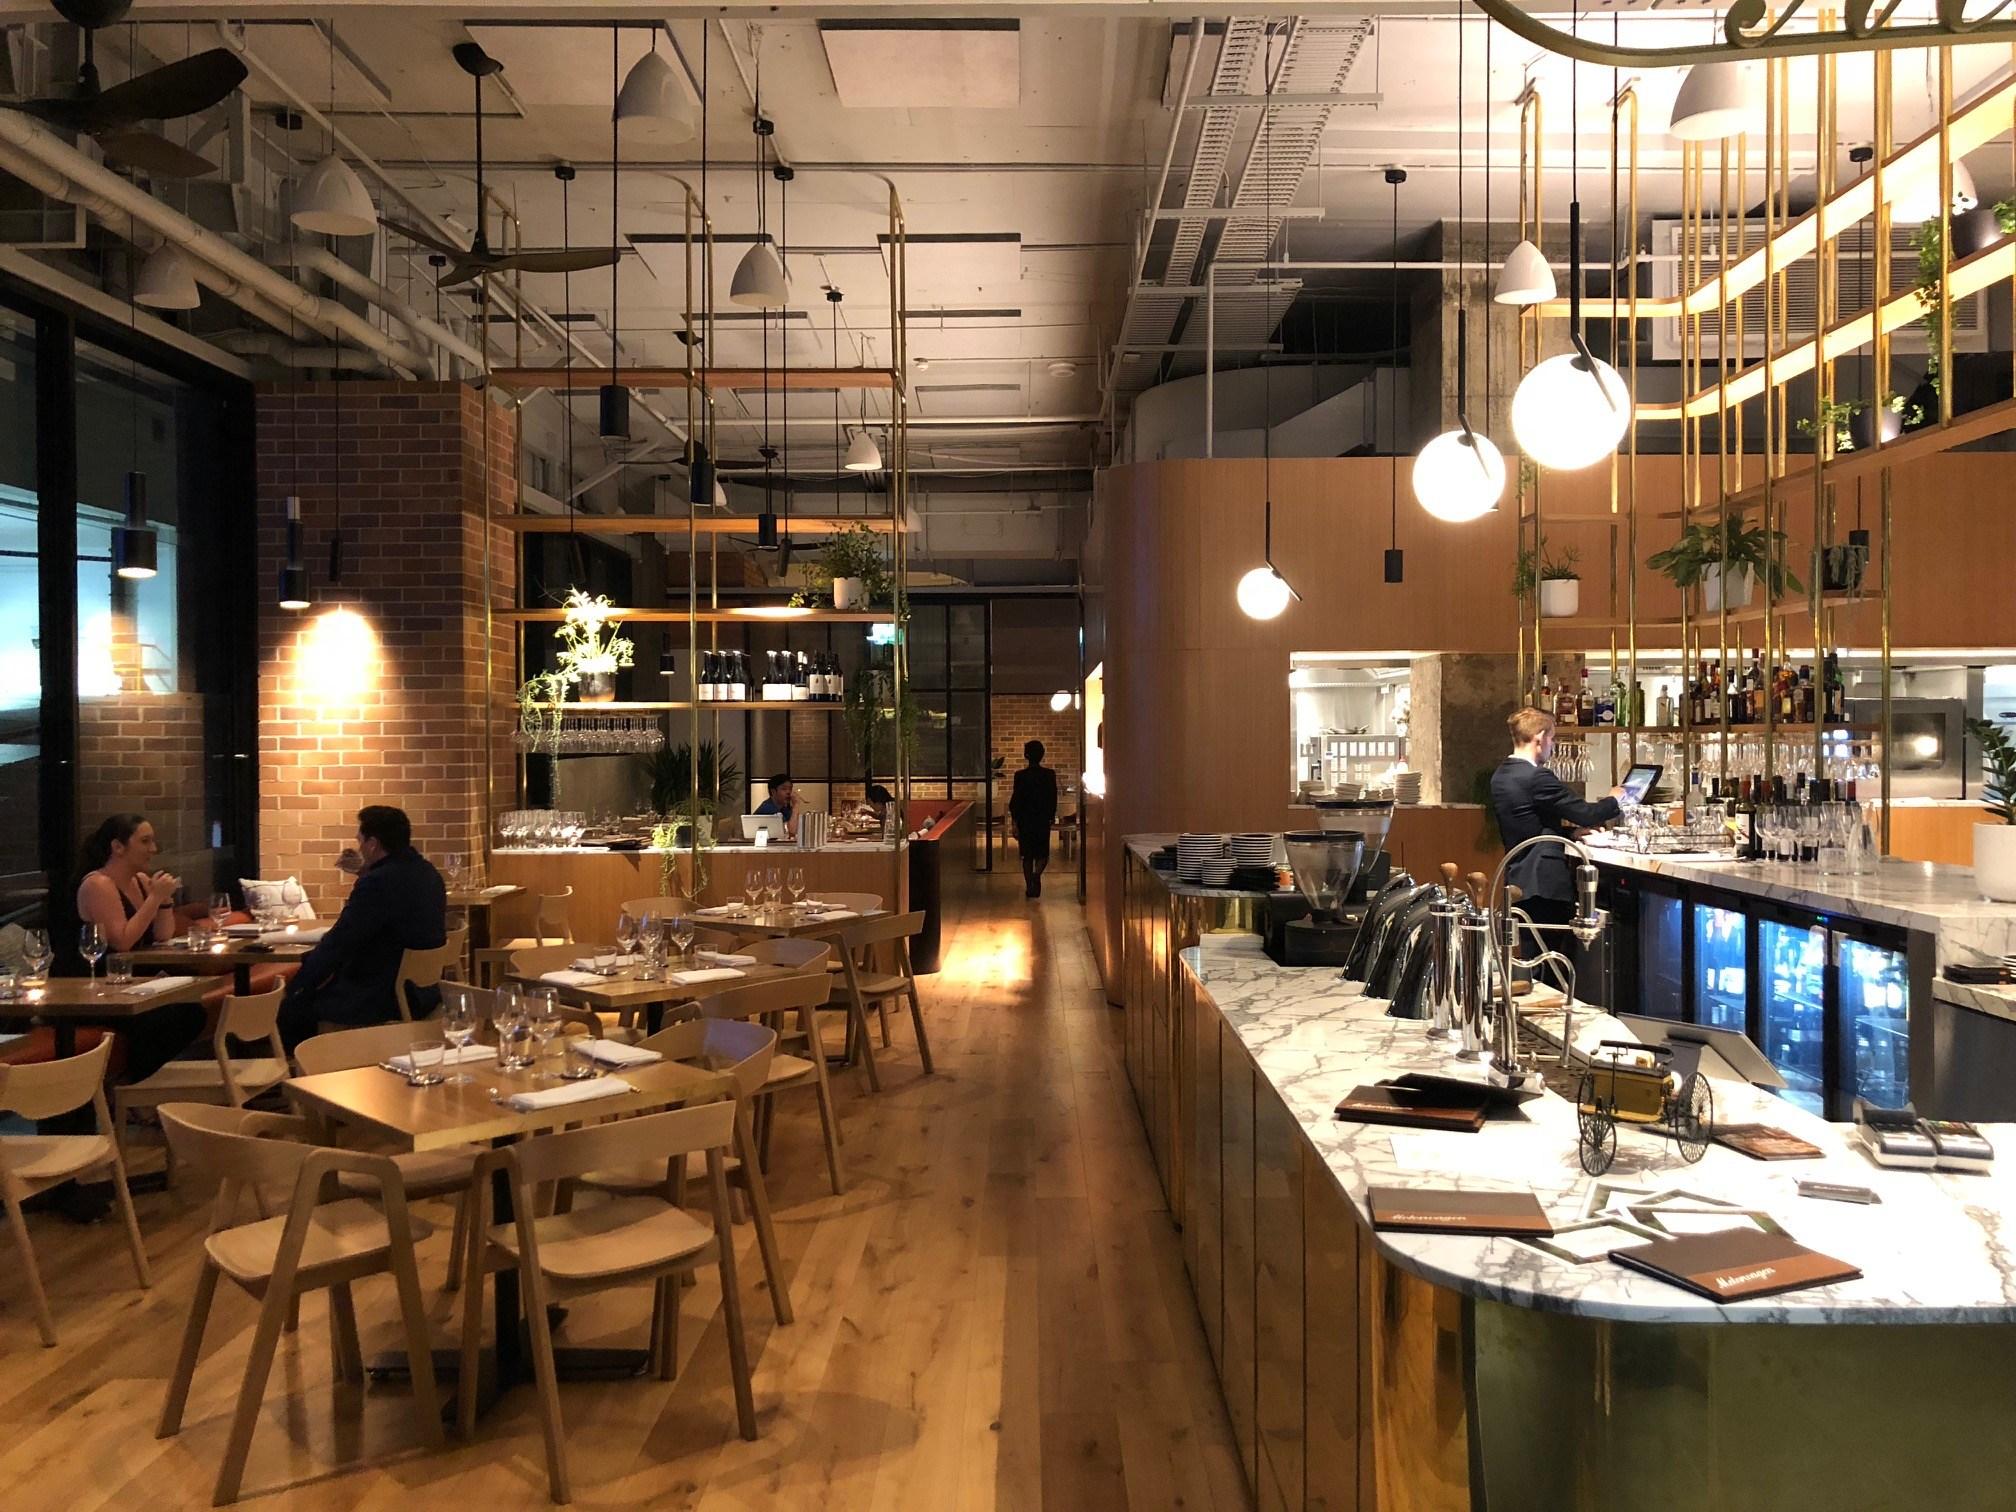 Brisbane's New Must-Dine City Restaurant: Motorwagen